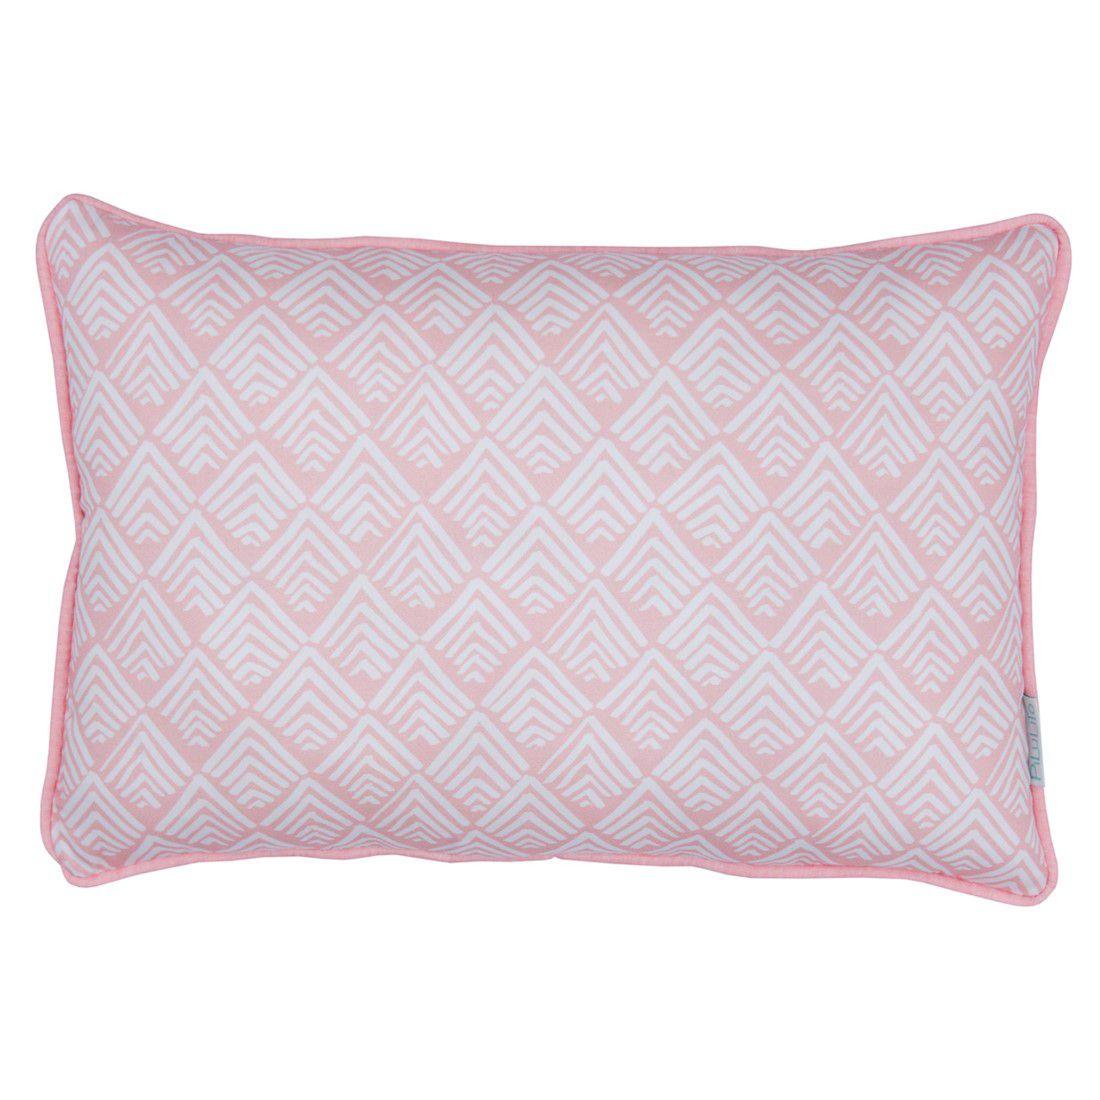 Capa de almofada de cabeceira 60x40cm  oca rosa chá